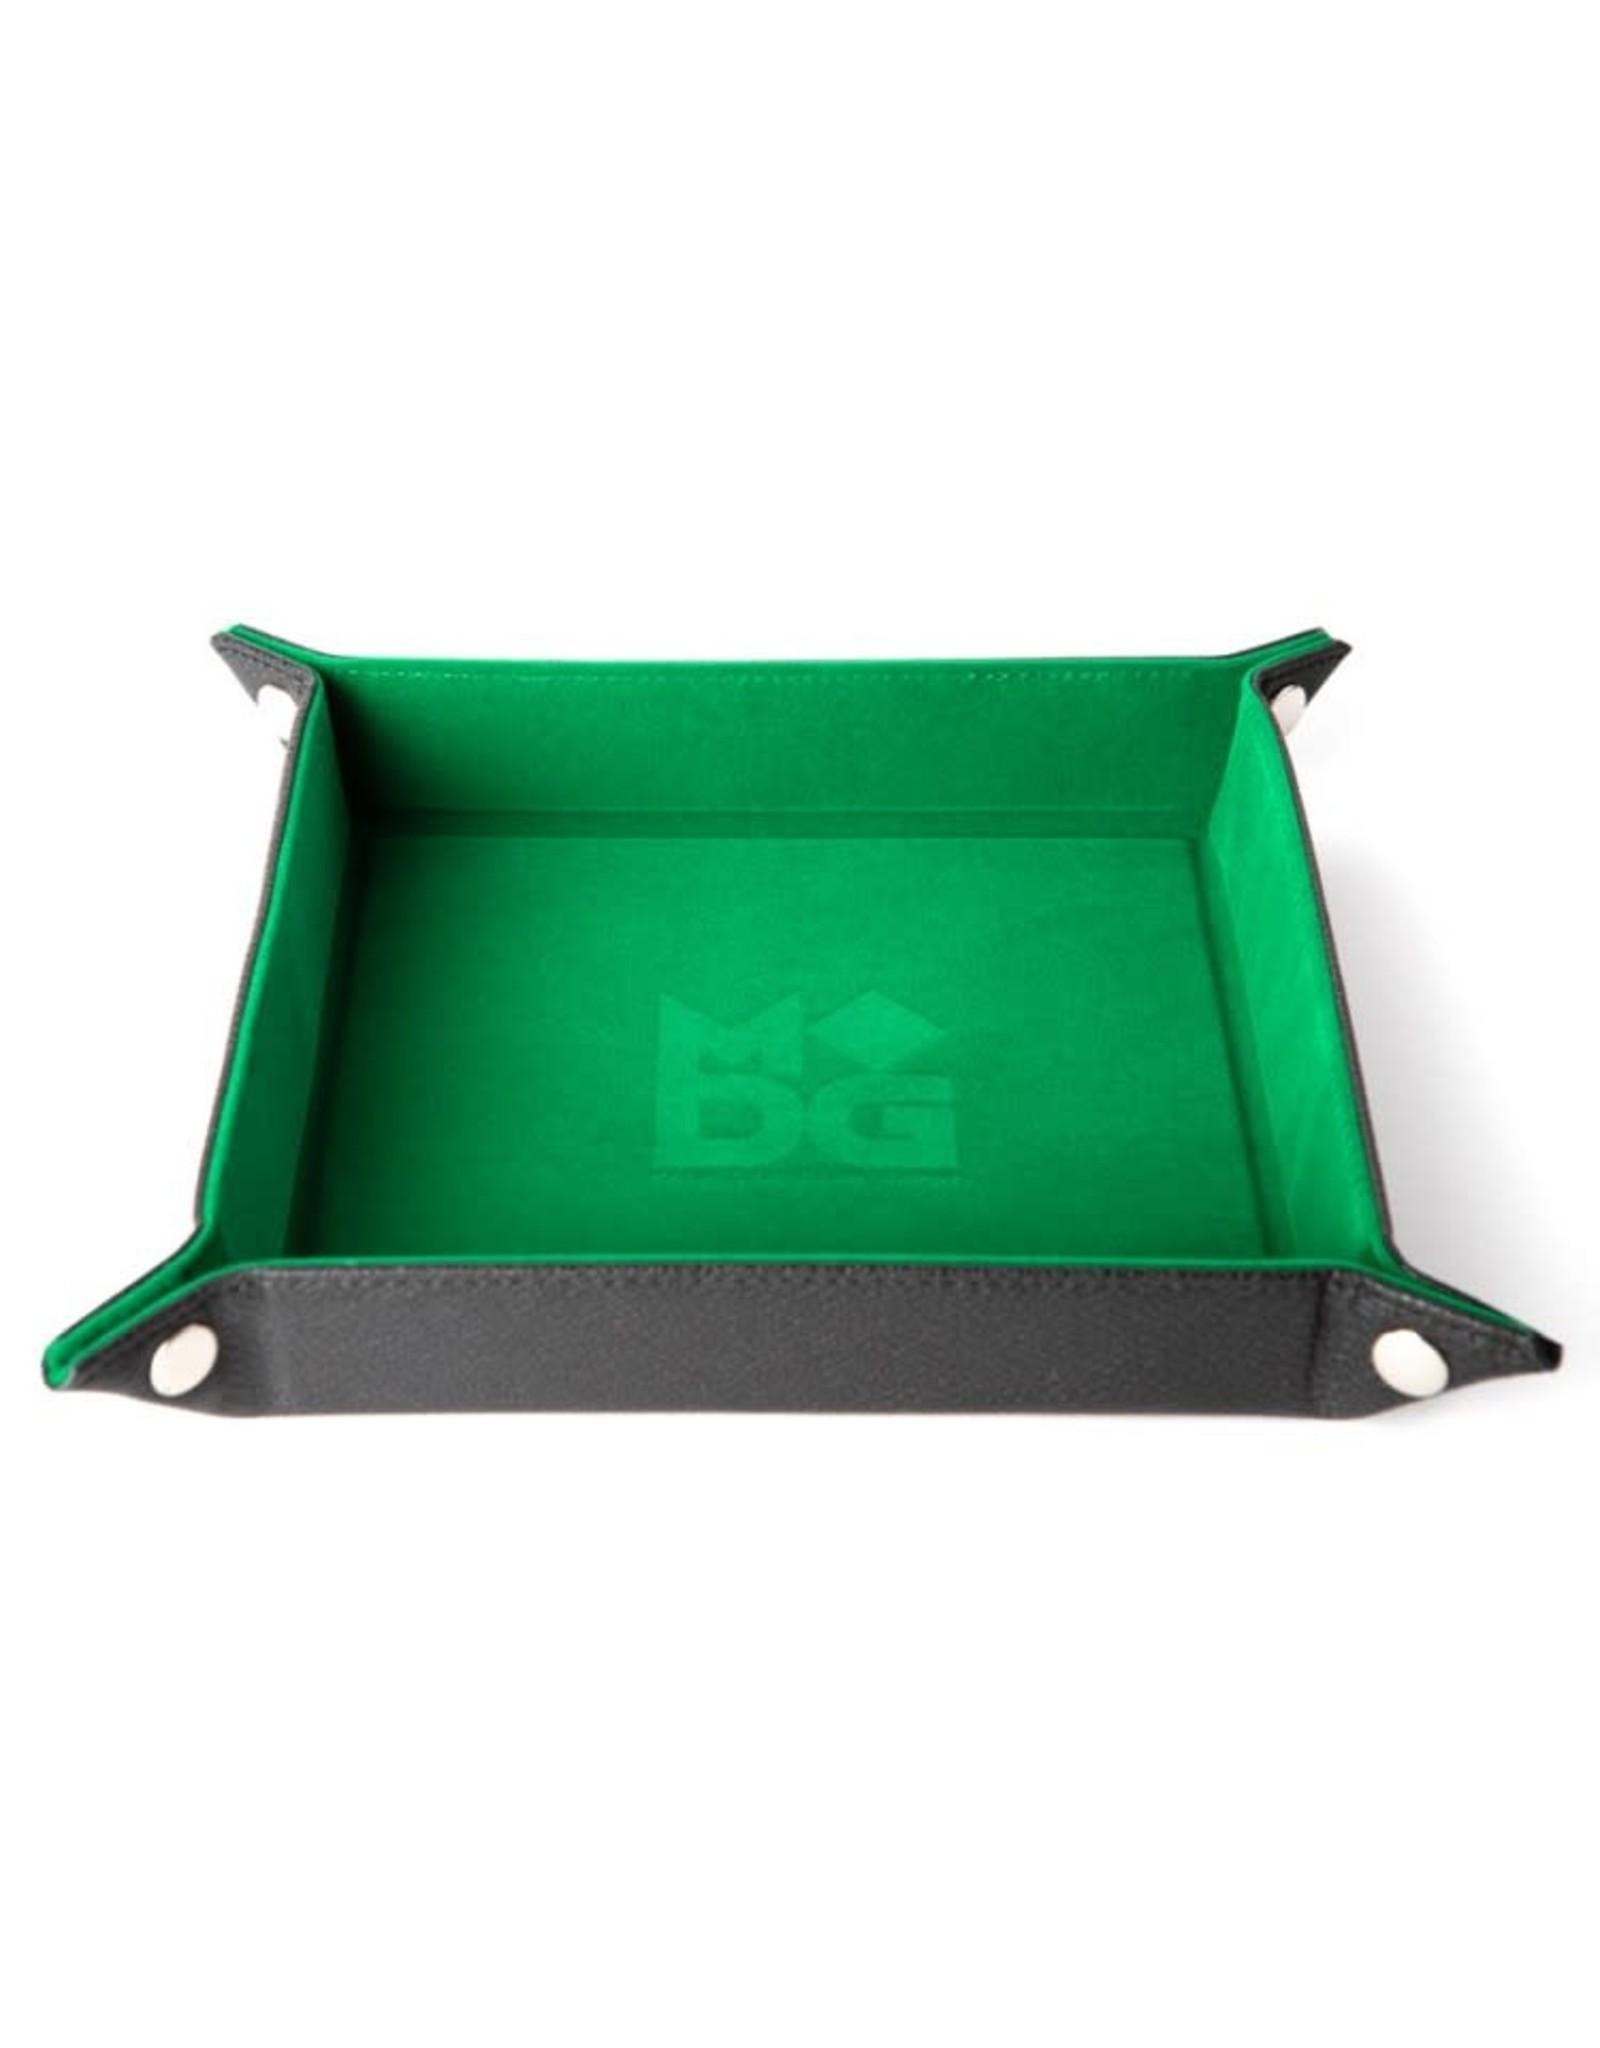 Metallic Dice Games Folding Dice Tray: Velvet 10in x10in GR